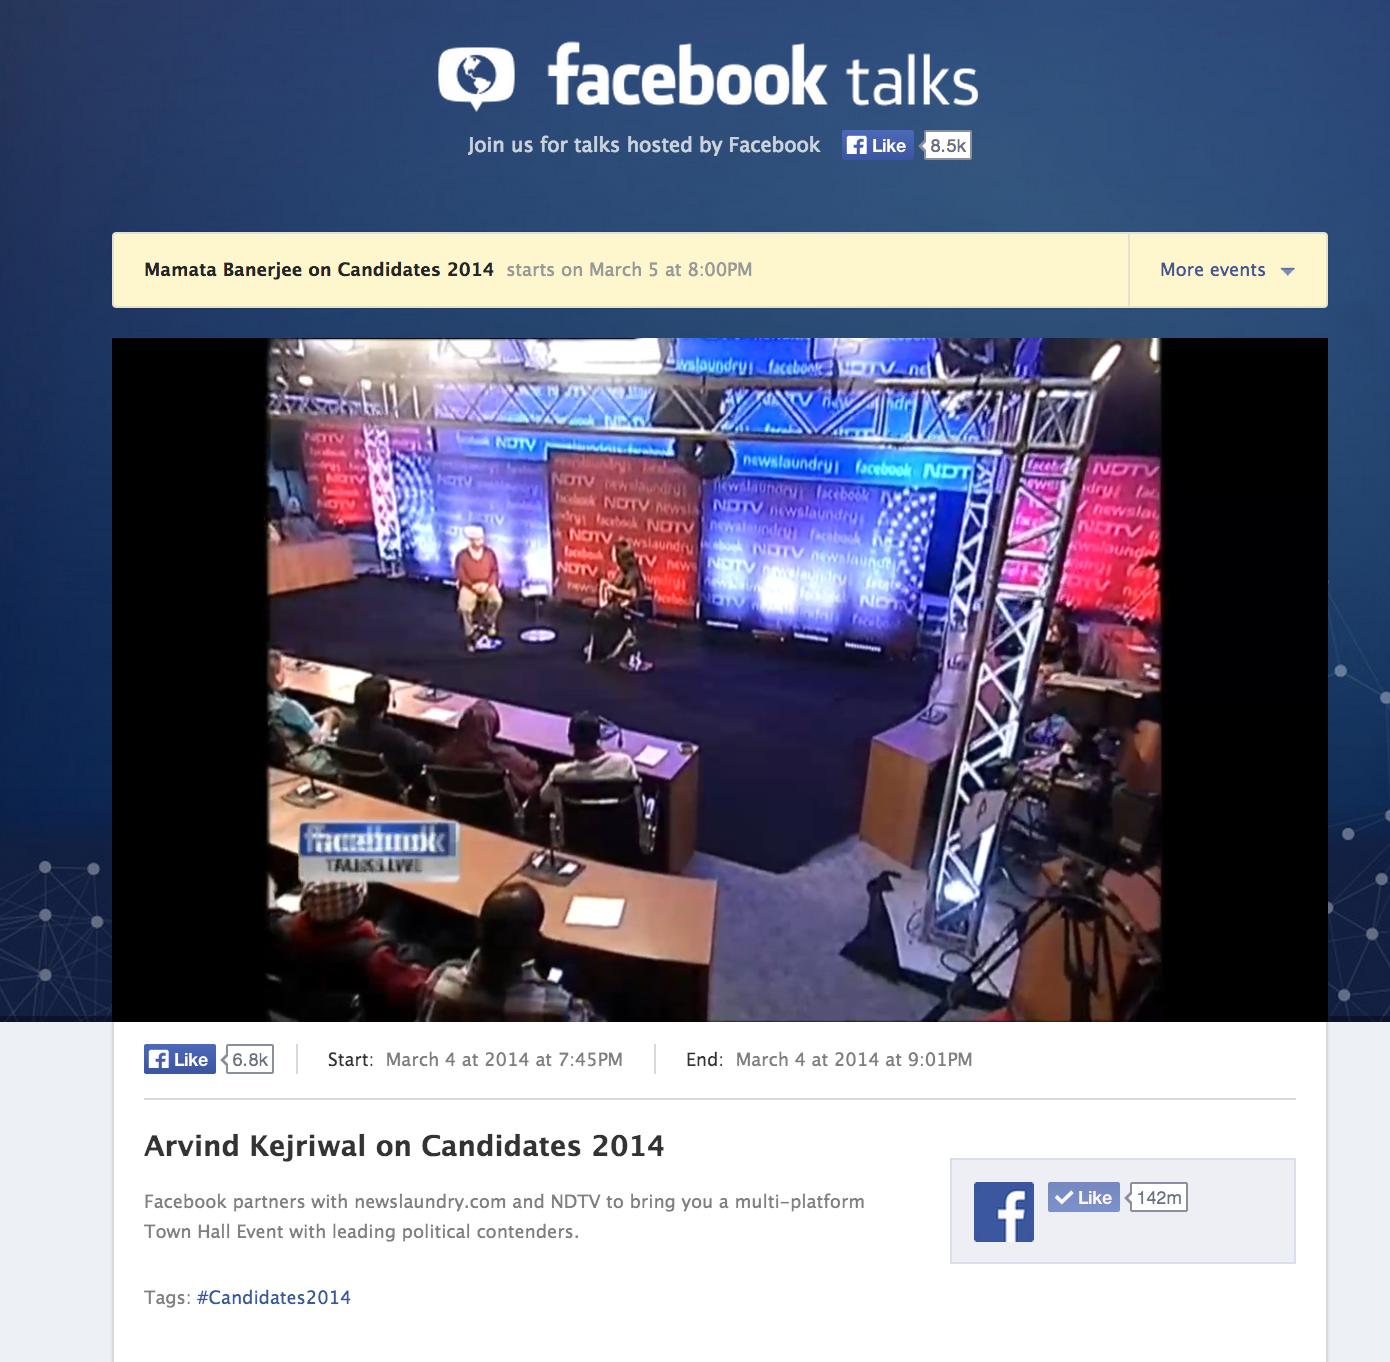 Arvind Kejriwal on Candidates 2014 on Facebook Talks Live - set shot